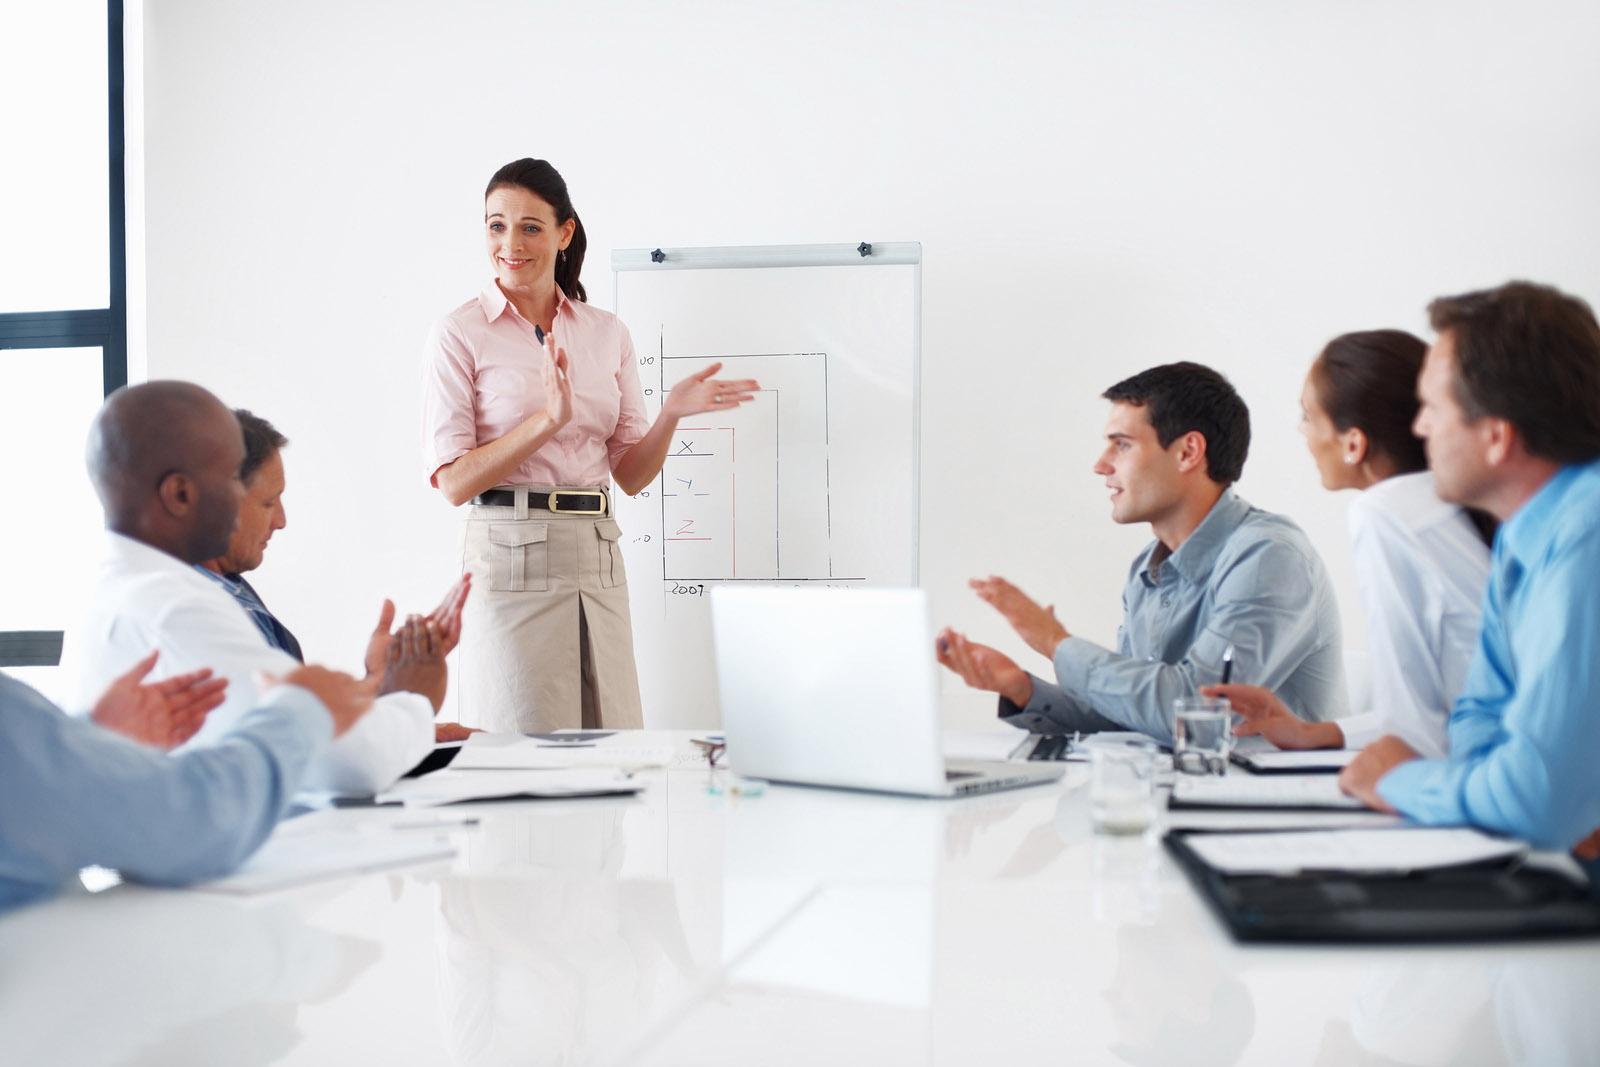 Vai trò của kỹ năng thuyết trình với sinh viên như thế nào?